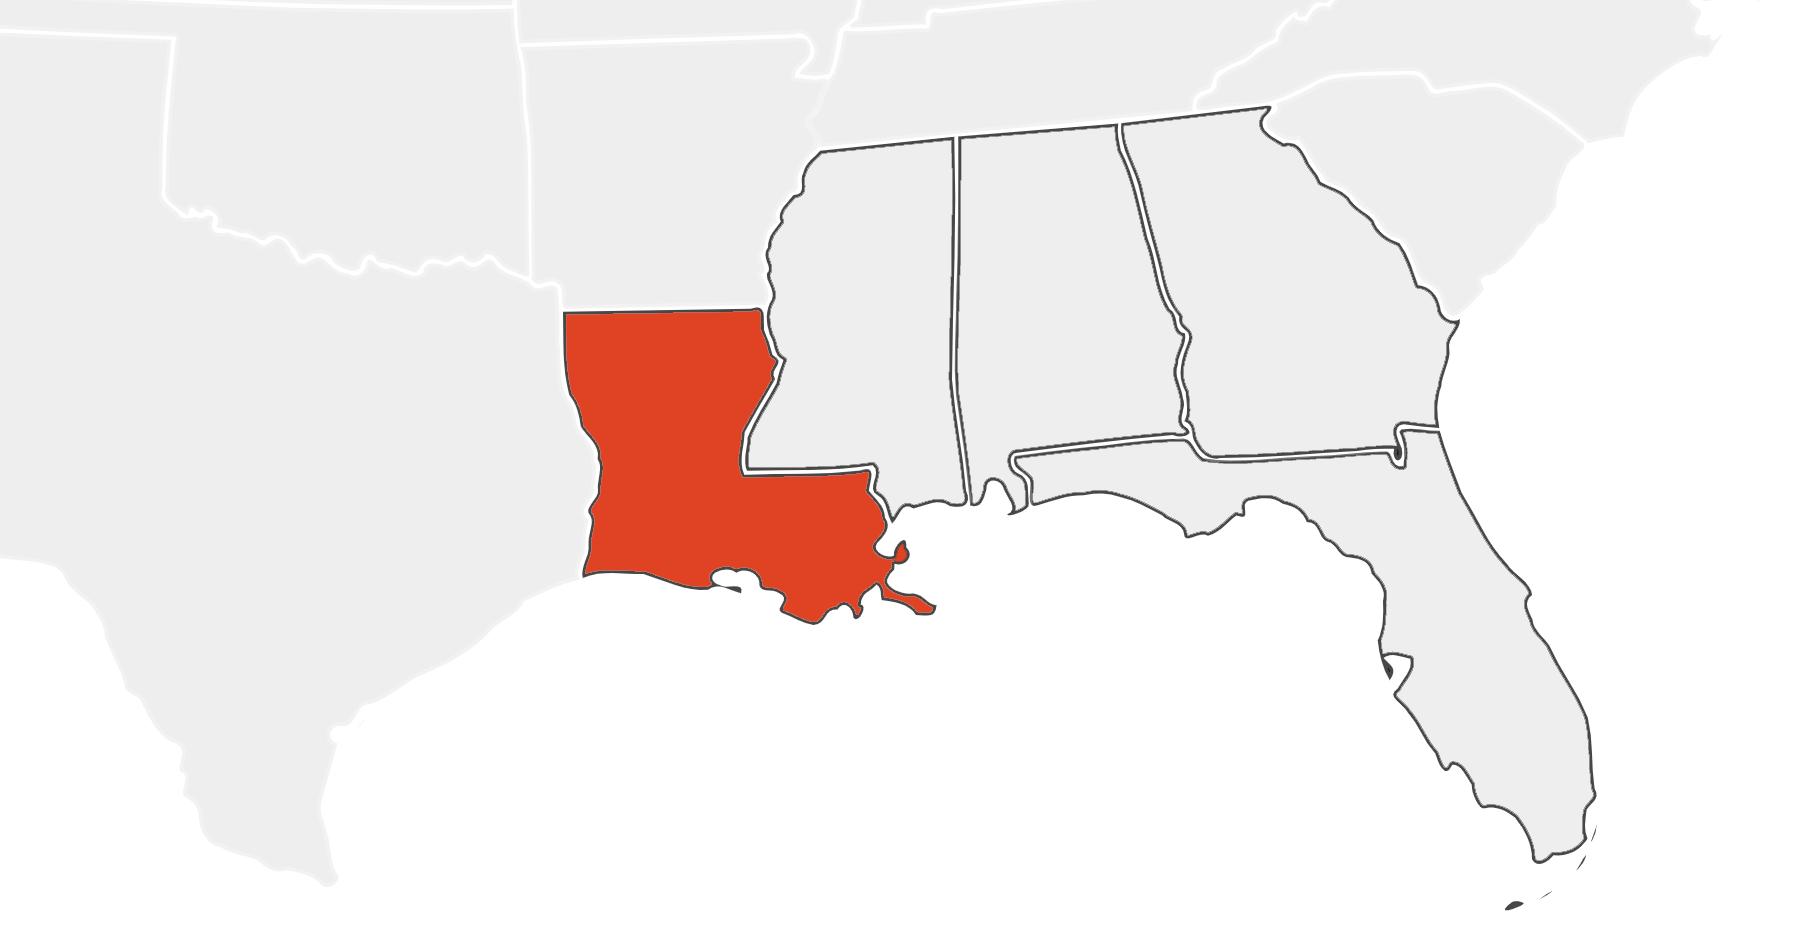 Louisiana Location